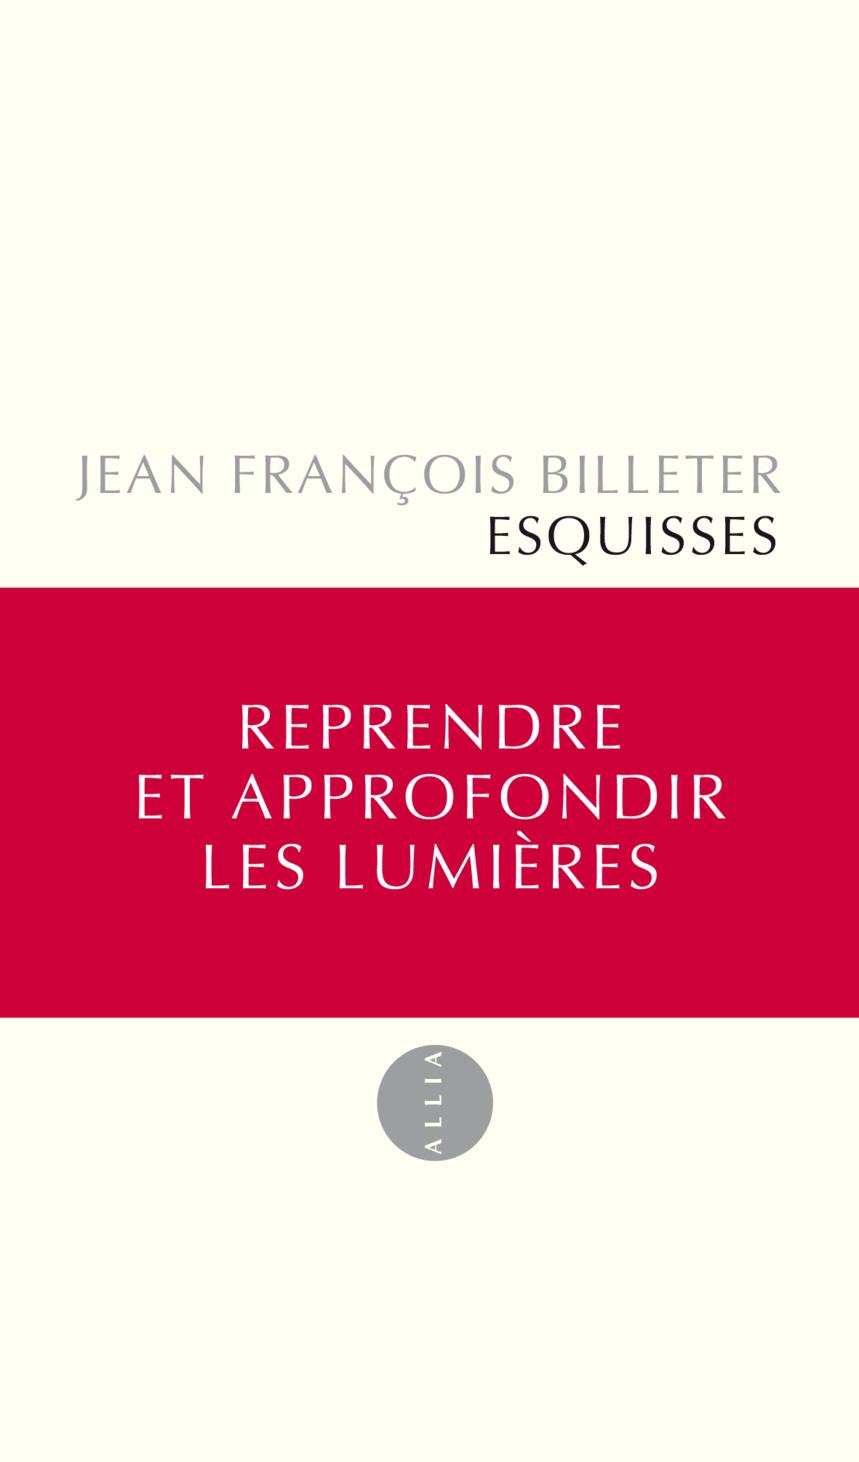 Esquisses de Jean-François Billeter aux éditions Allia